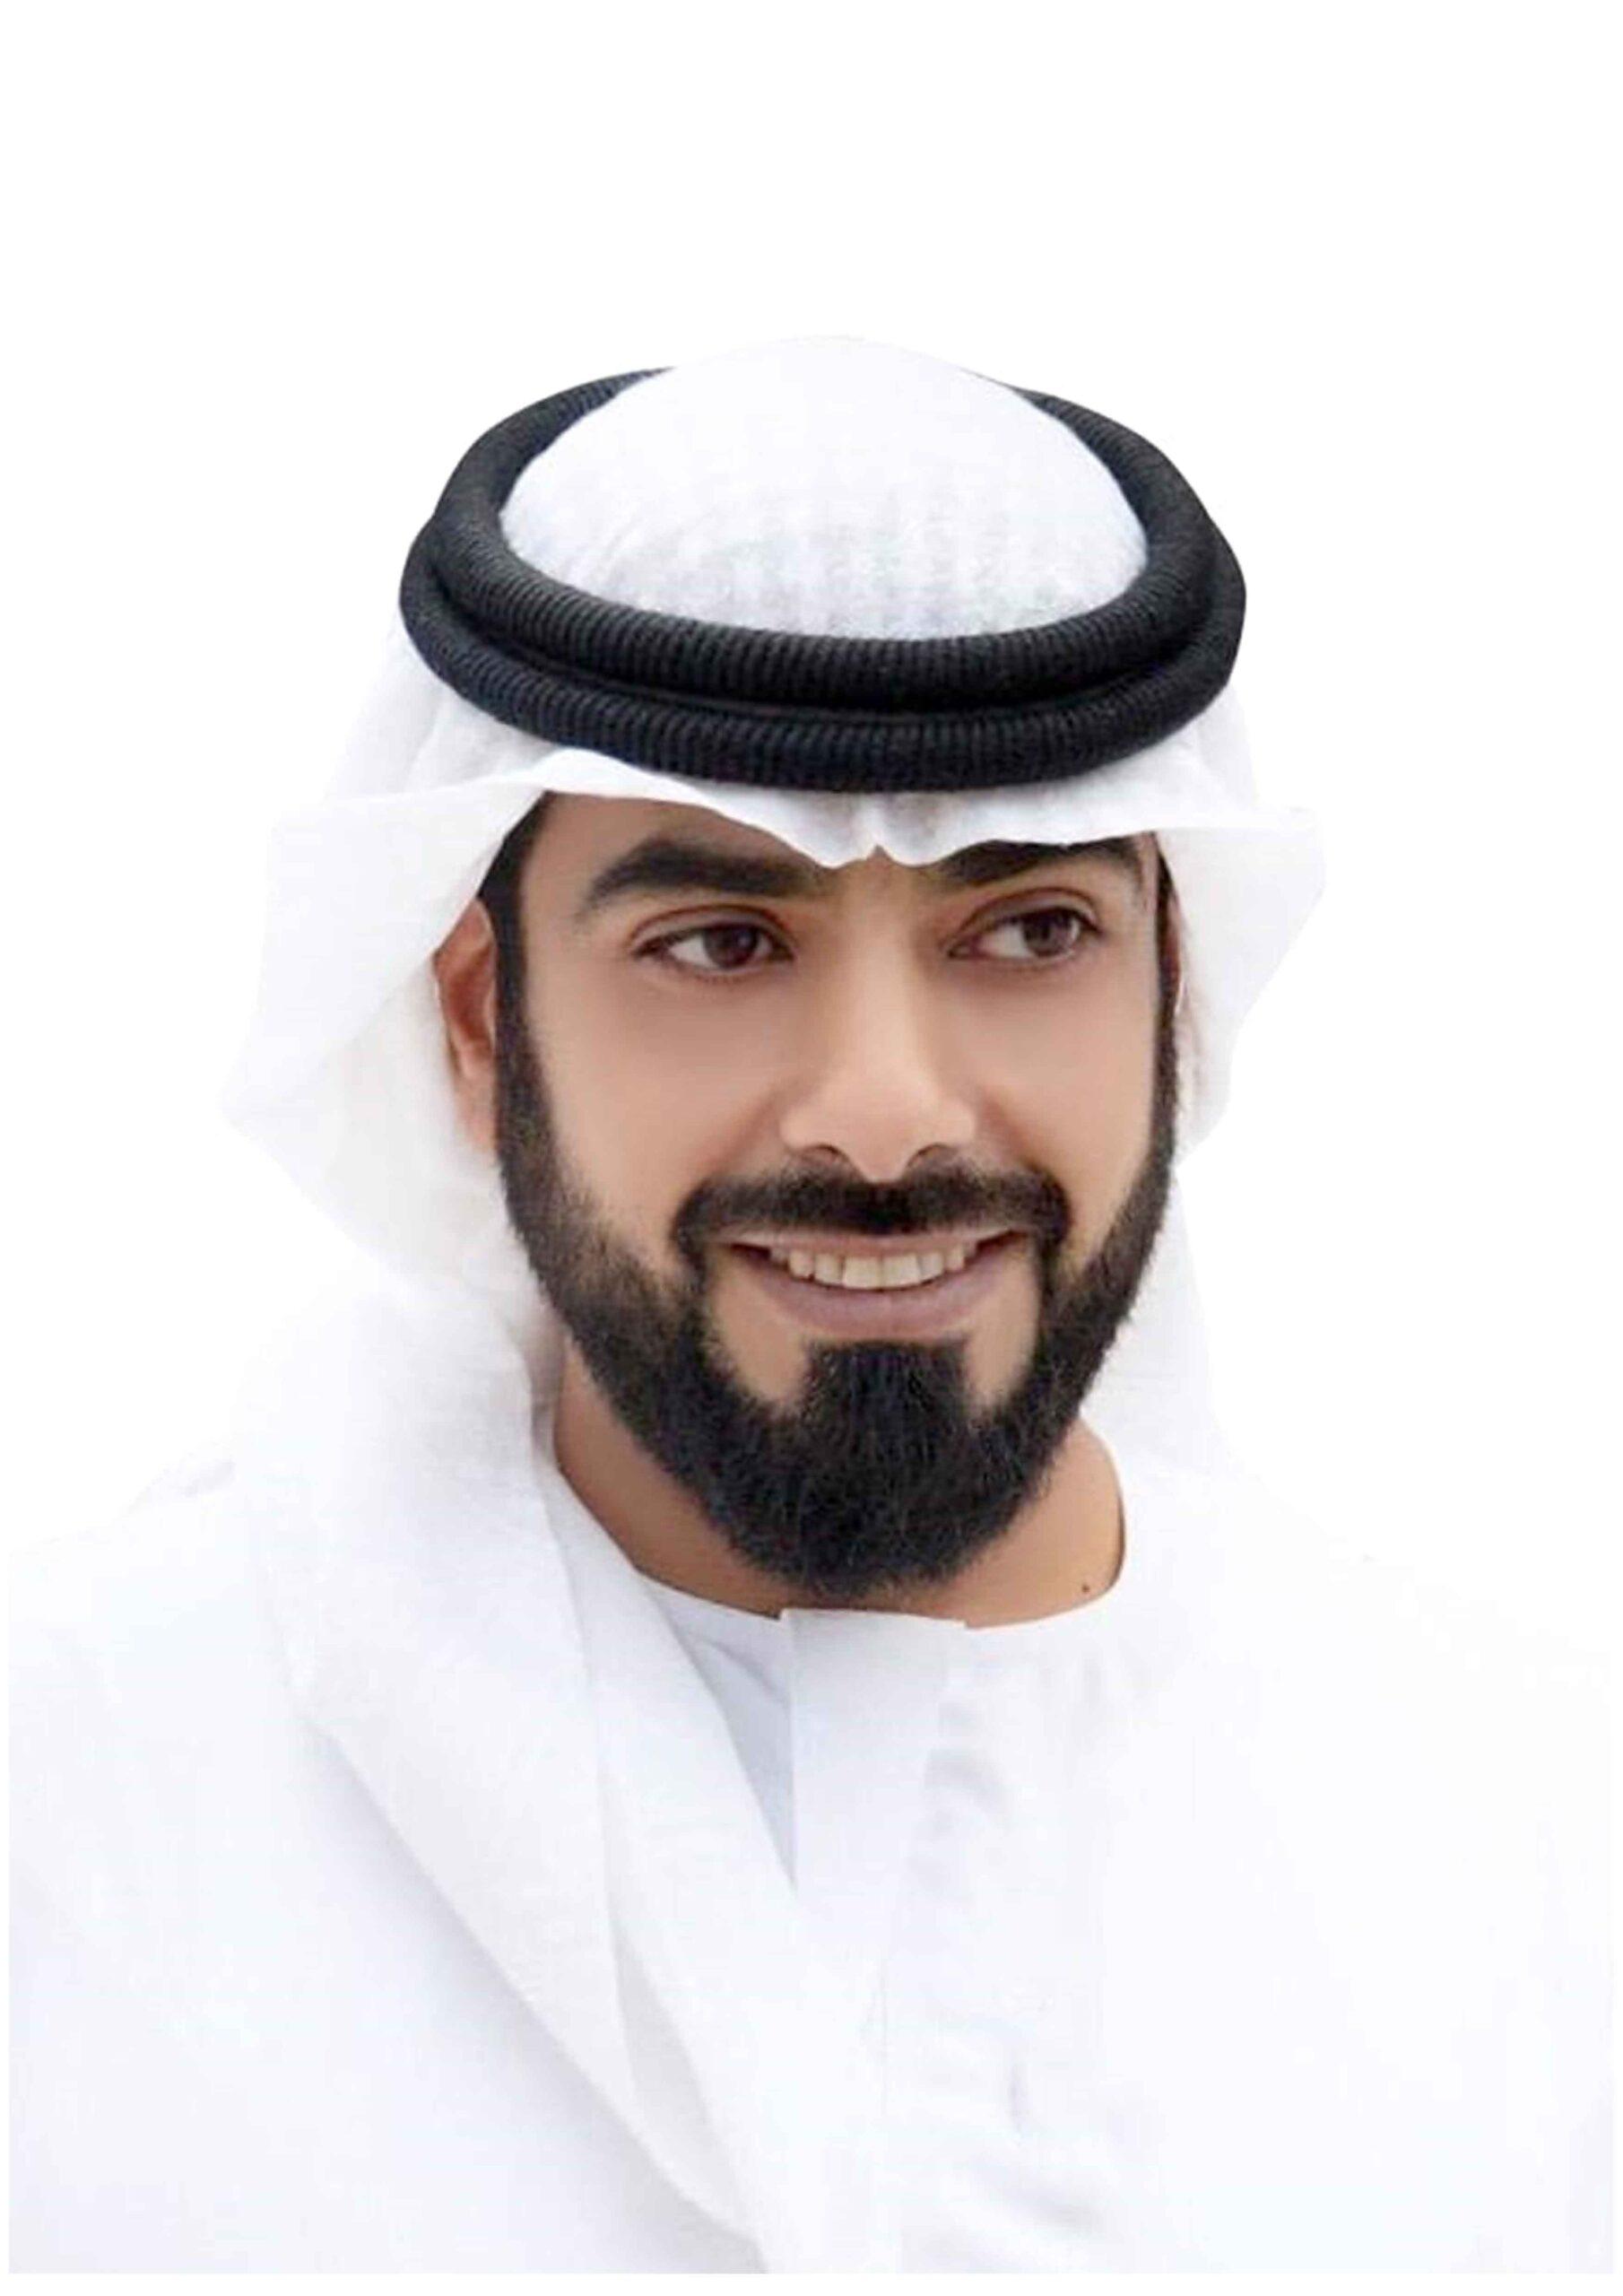 برئاسة ذياب بن طحنون بن محمد  الخليج للملاحة القابضة تعلن عن تشكيل مجلس إدارة جديد